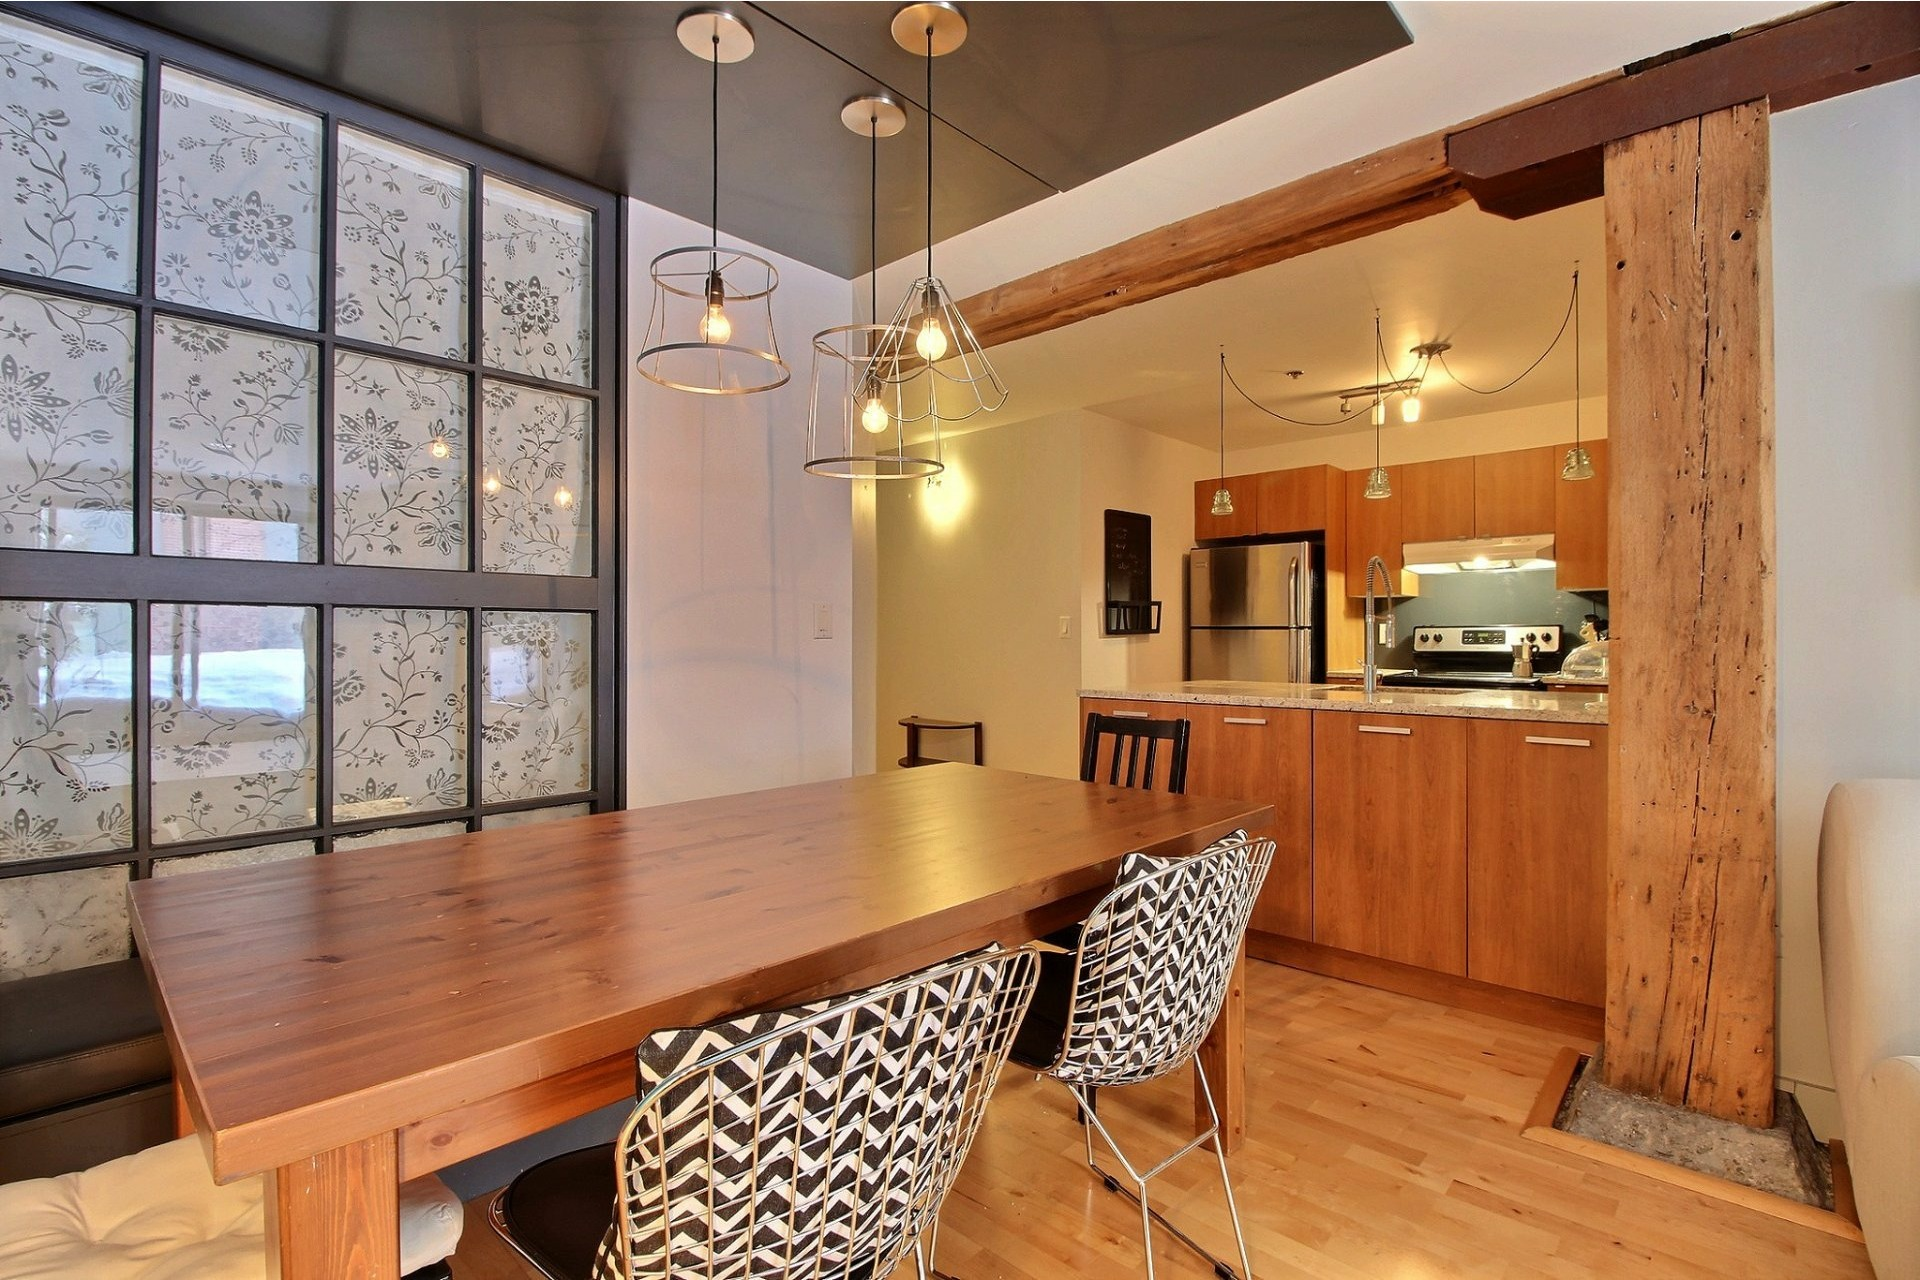 image 4 - Apartment For rent Mercier/Hochelaga-Maisonneuve Montréal  - 5 rooms